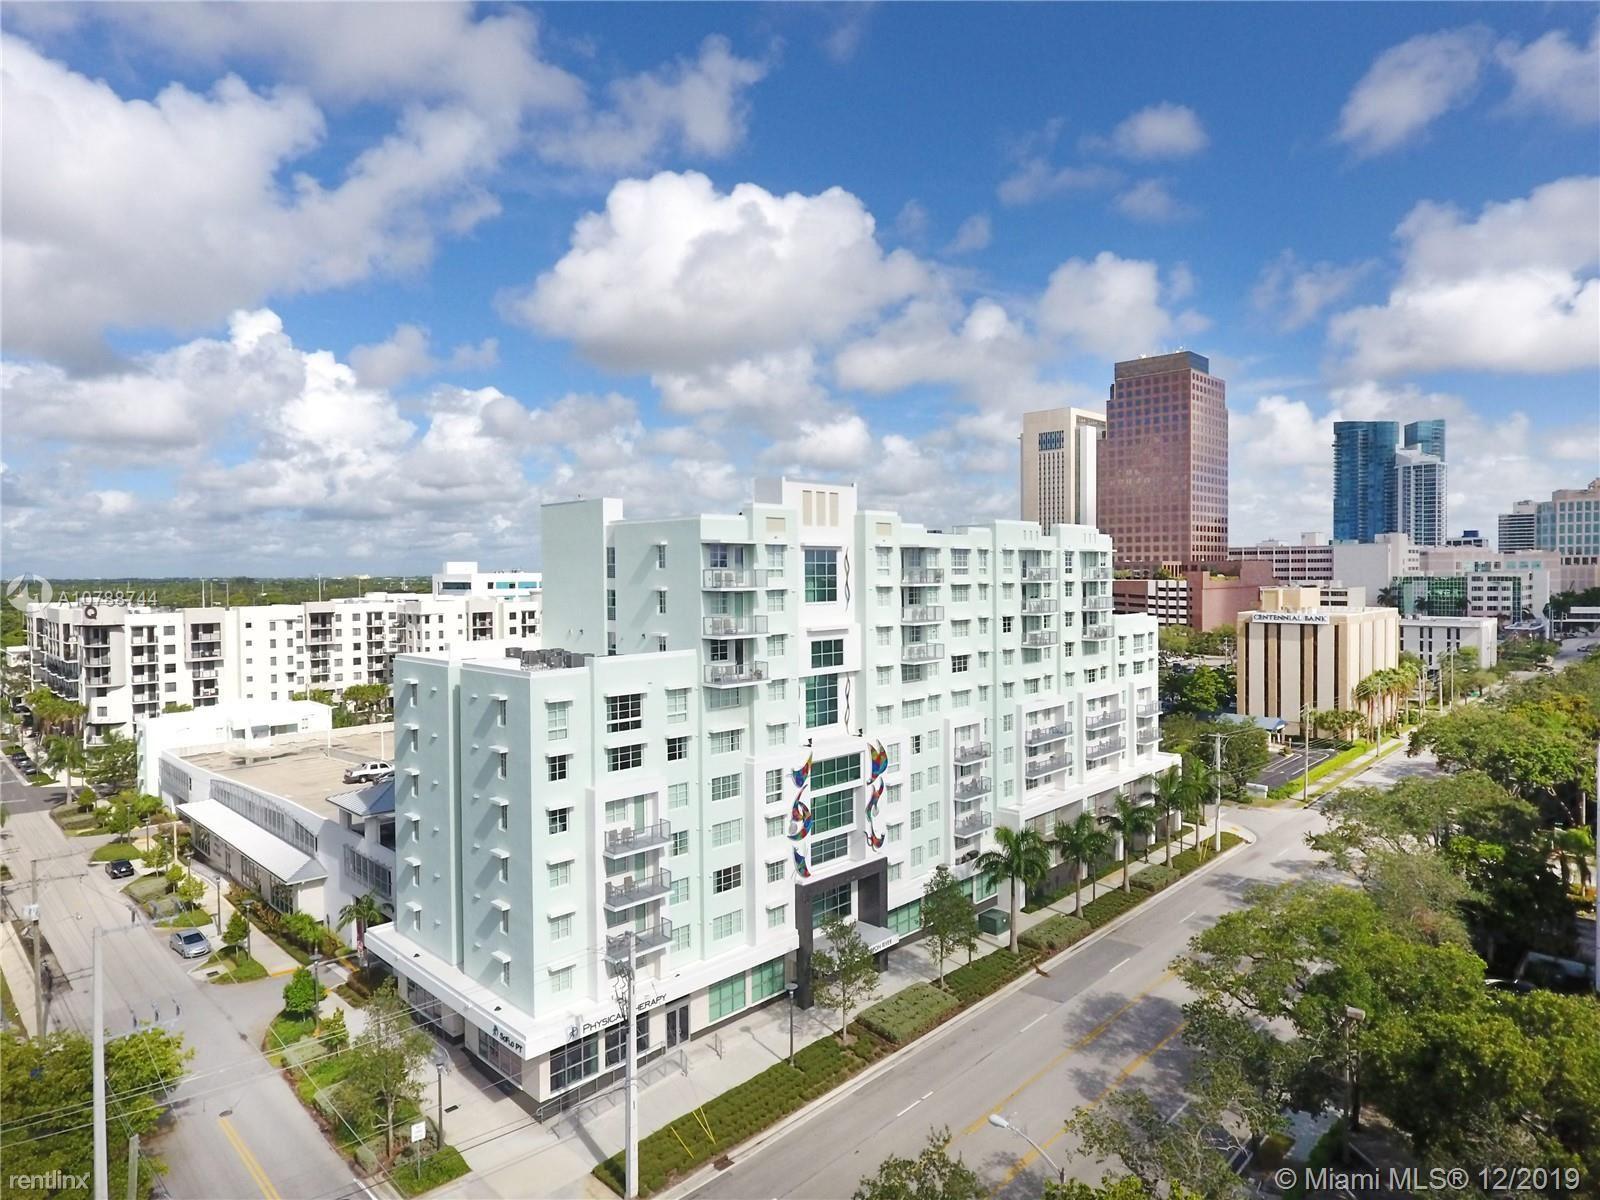 805 SE 3rd Ave, Fort Lauderdale, FL - $1,825